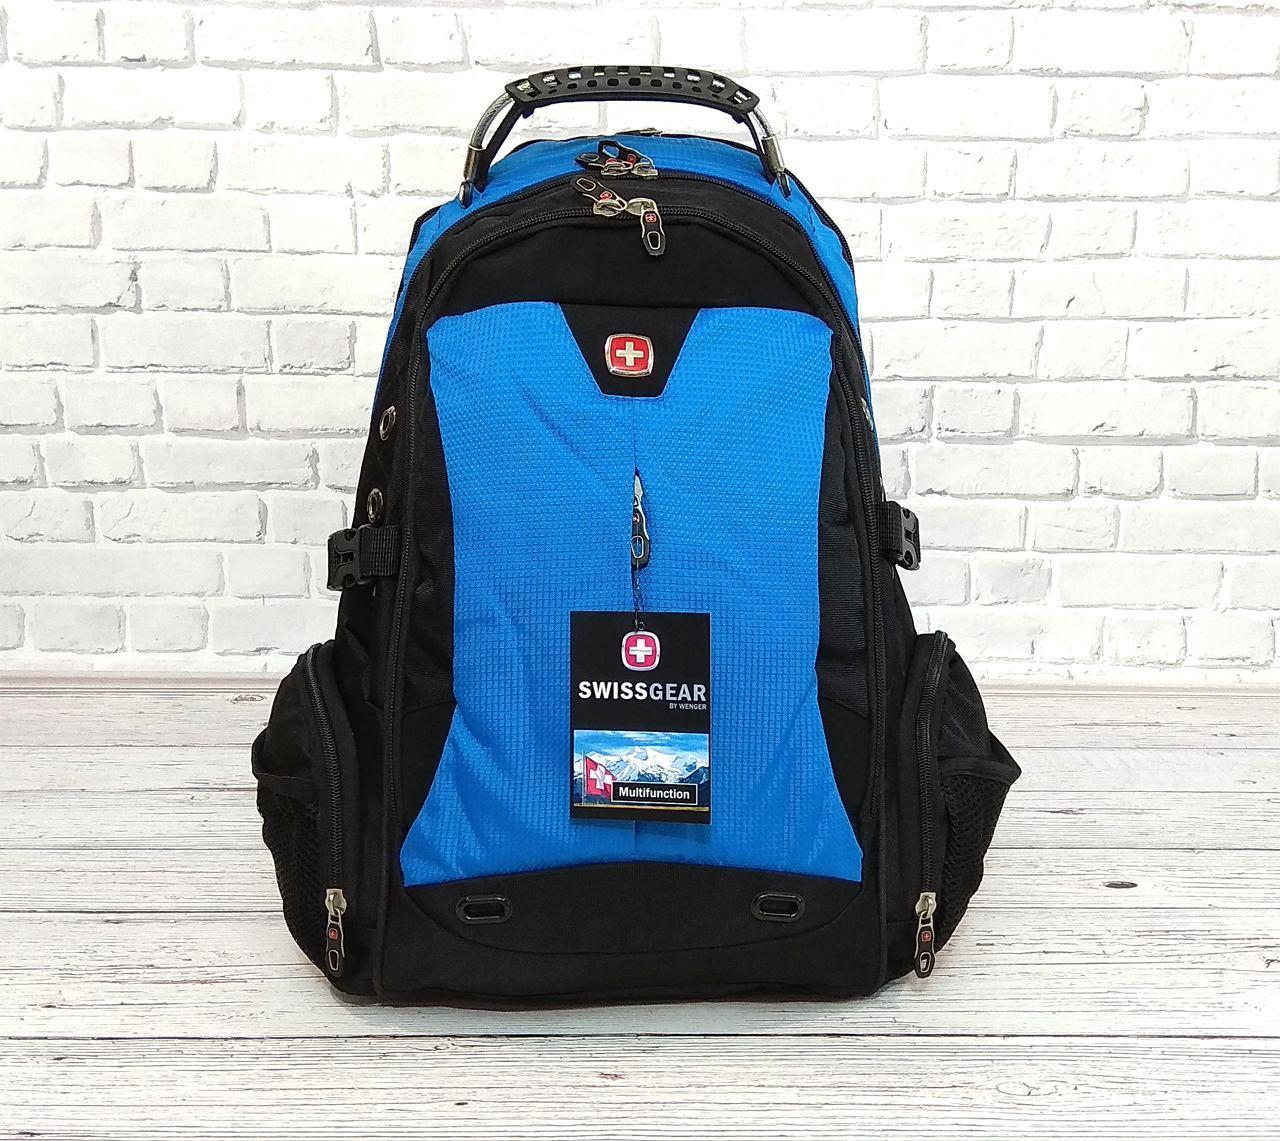 Вместительный рюкзак. Черный с синим. + Дождевик. 35L / s1531 blue